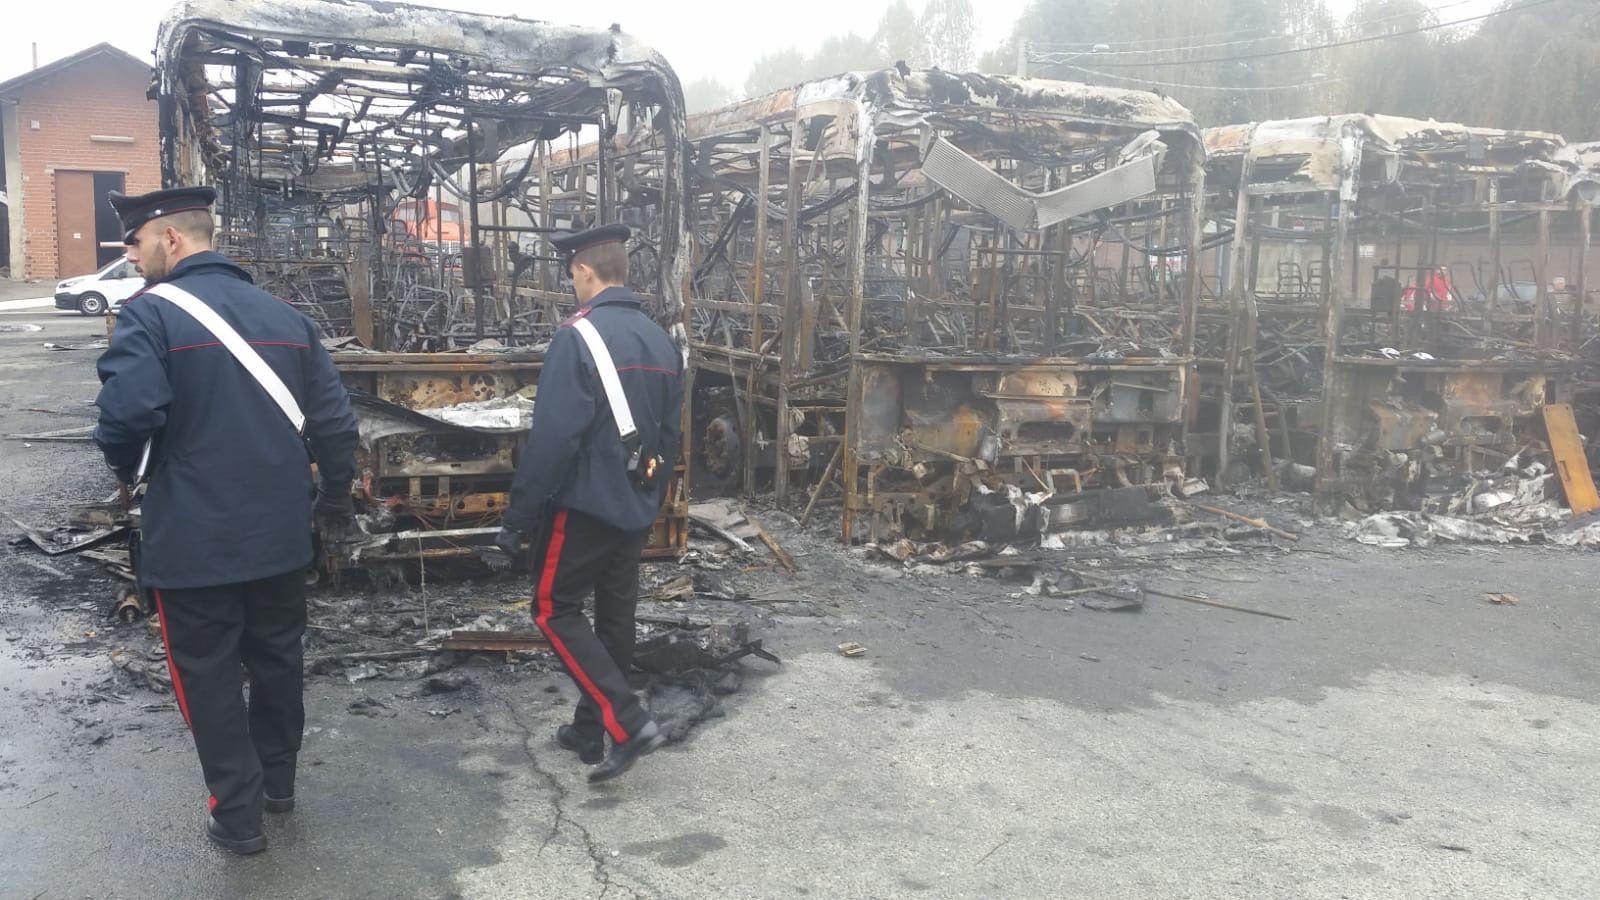 CIRIÈ - Preso il piromane dei bus: ha appiccato il rogo perché non lo facevano salire senza biglietto